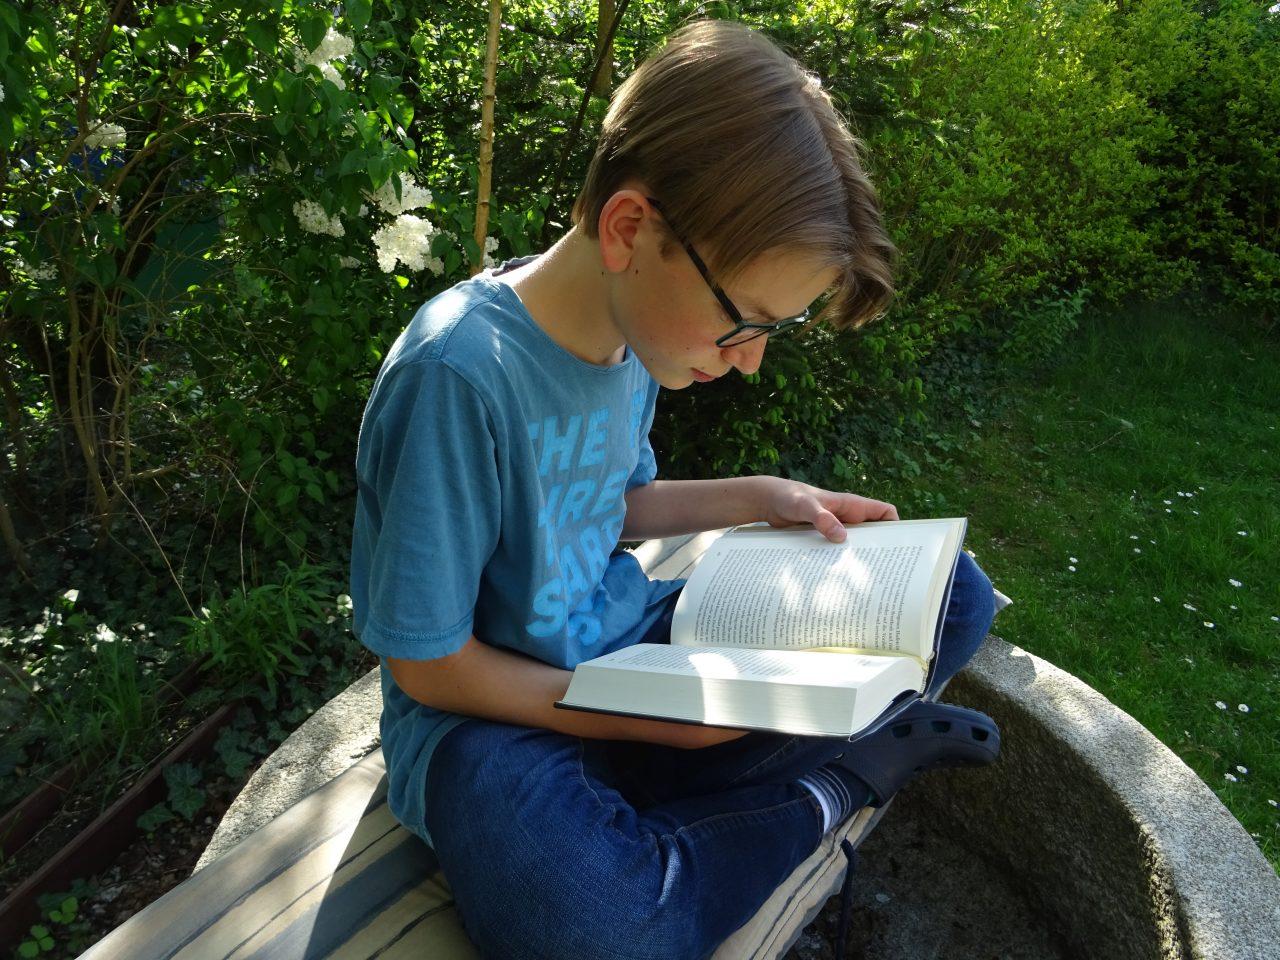 Daniel sitzt auf dem Brunnen und liest ein Buch.